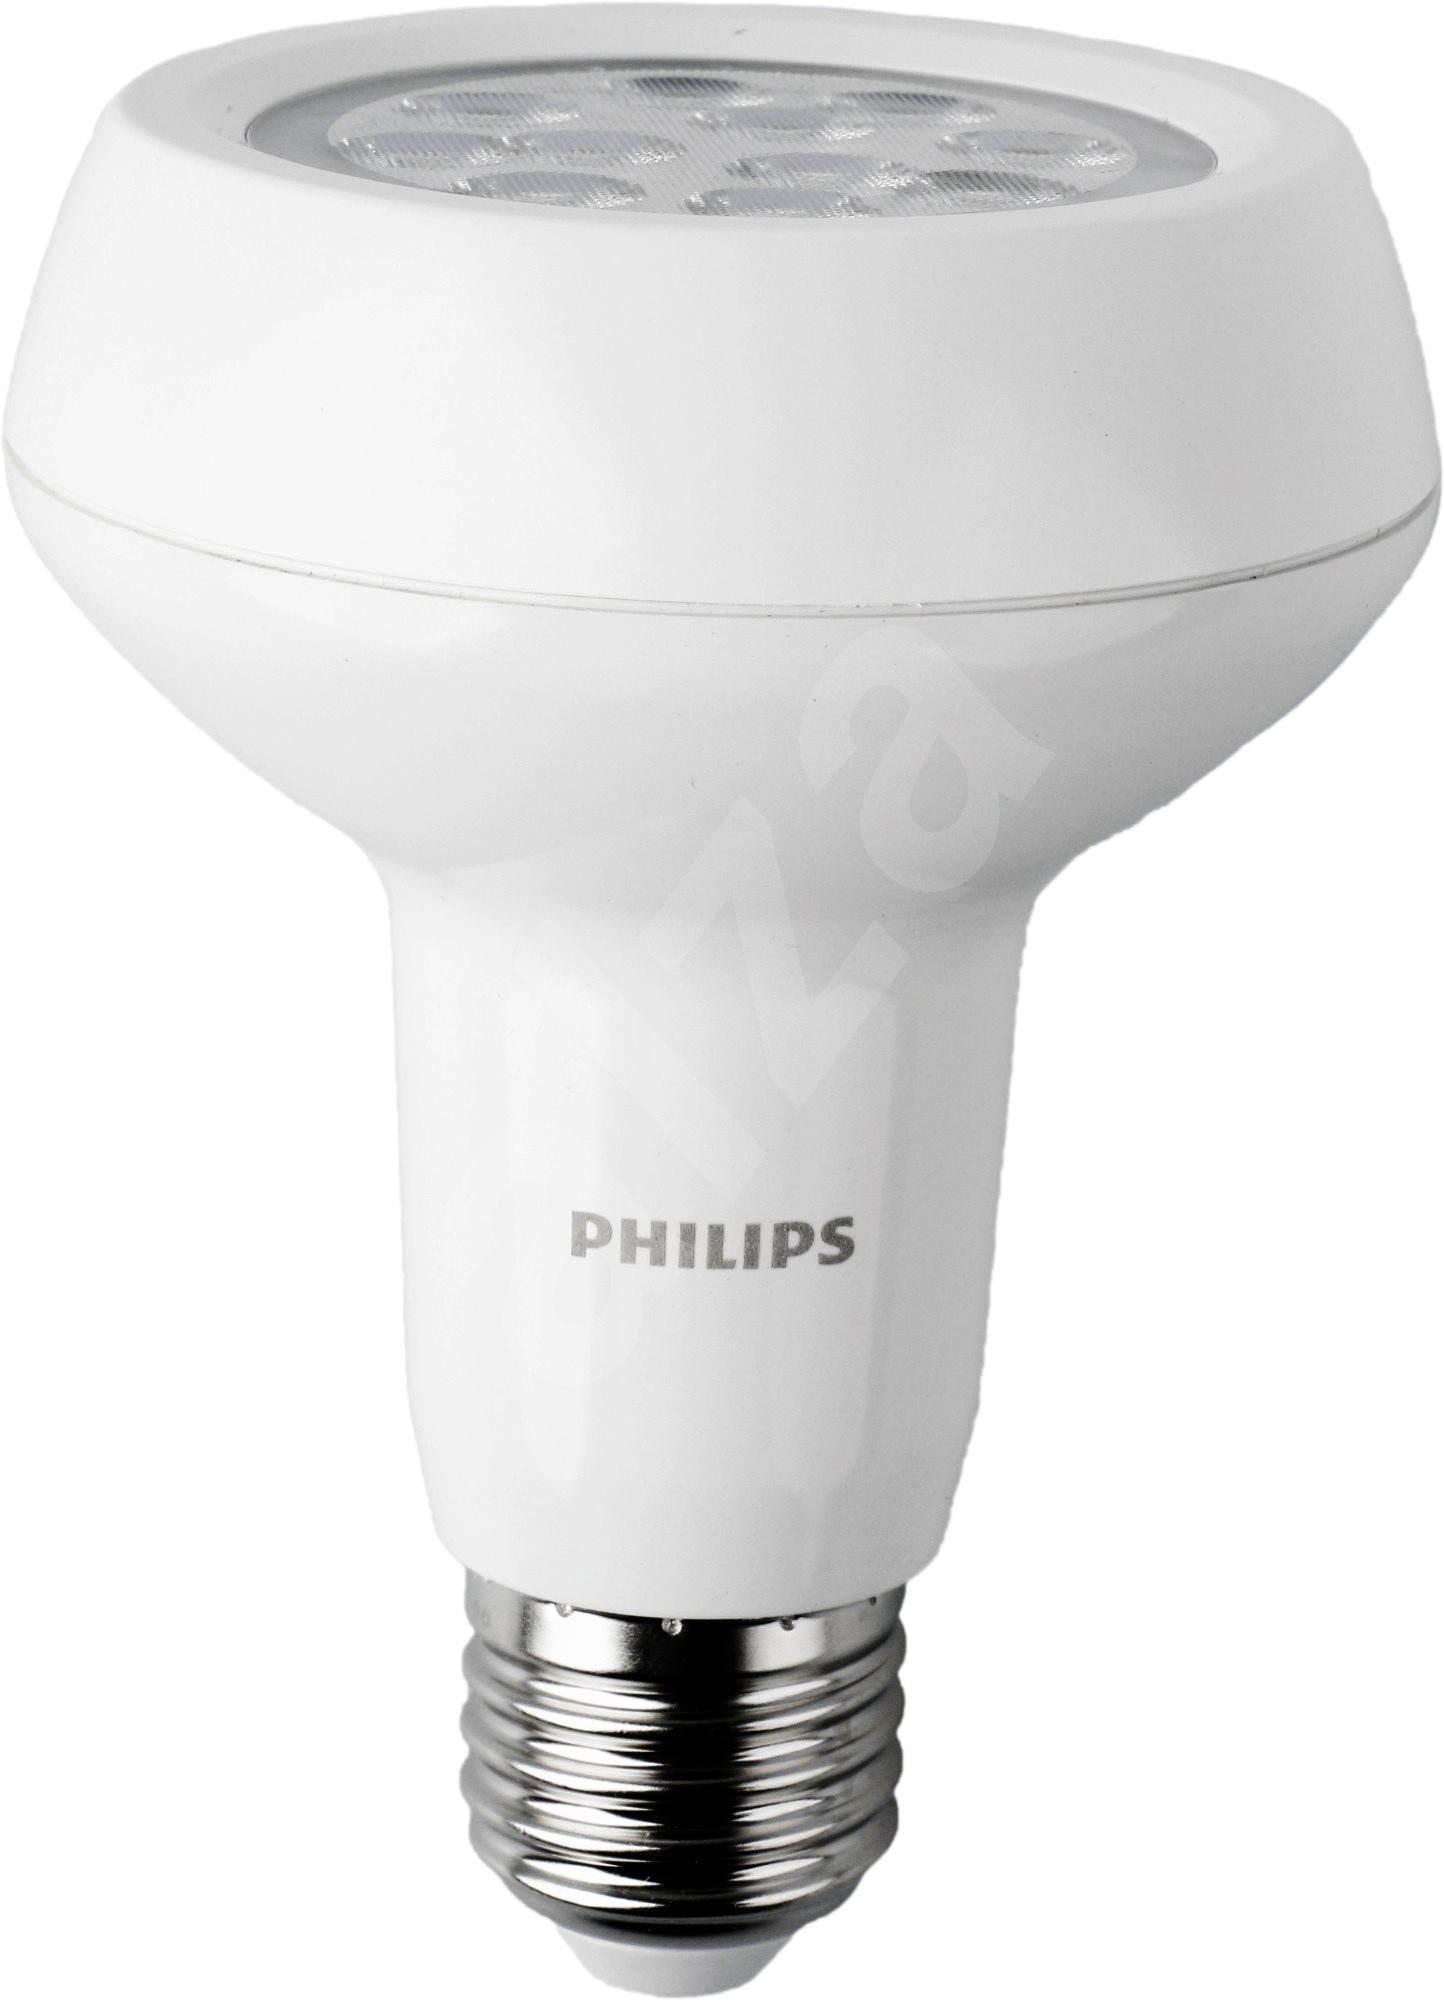 philips led reflektor 3 7 60 w e27 r80 2700 k led lampen. Black Bedroom Furniture Sets. Home Design Ideas